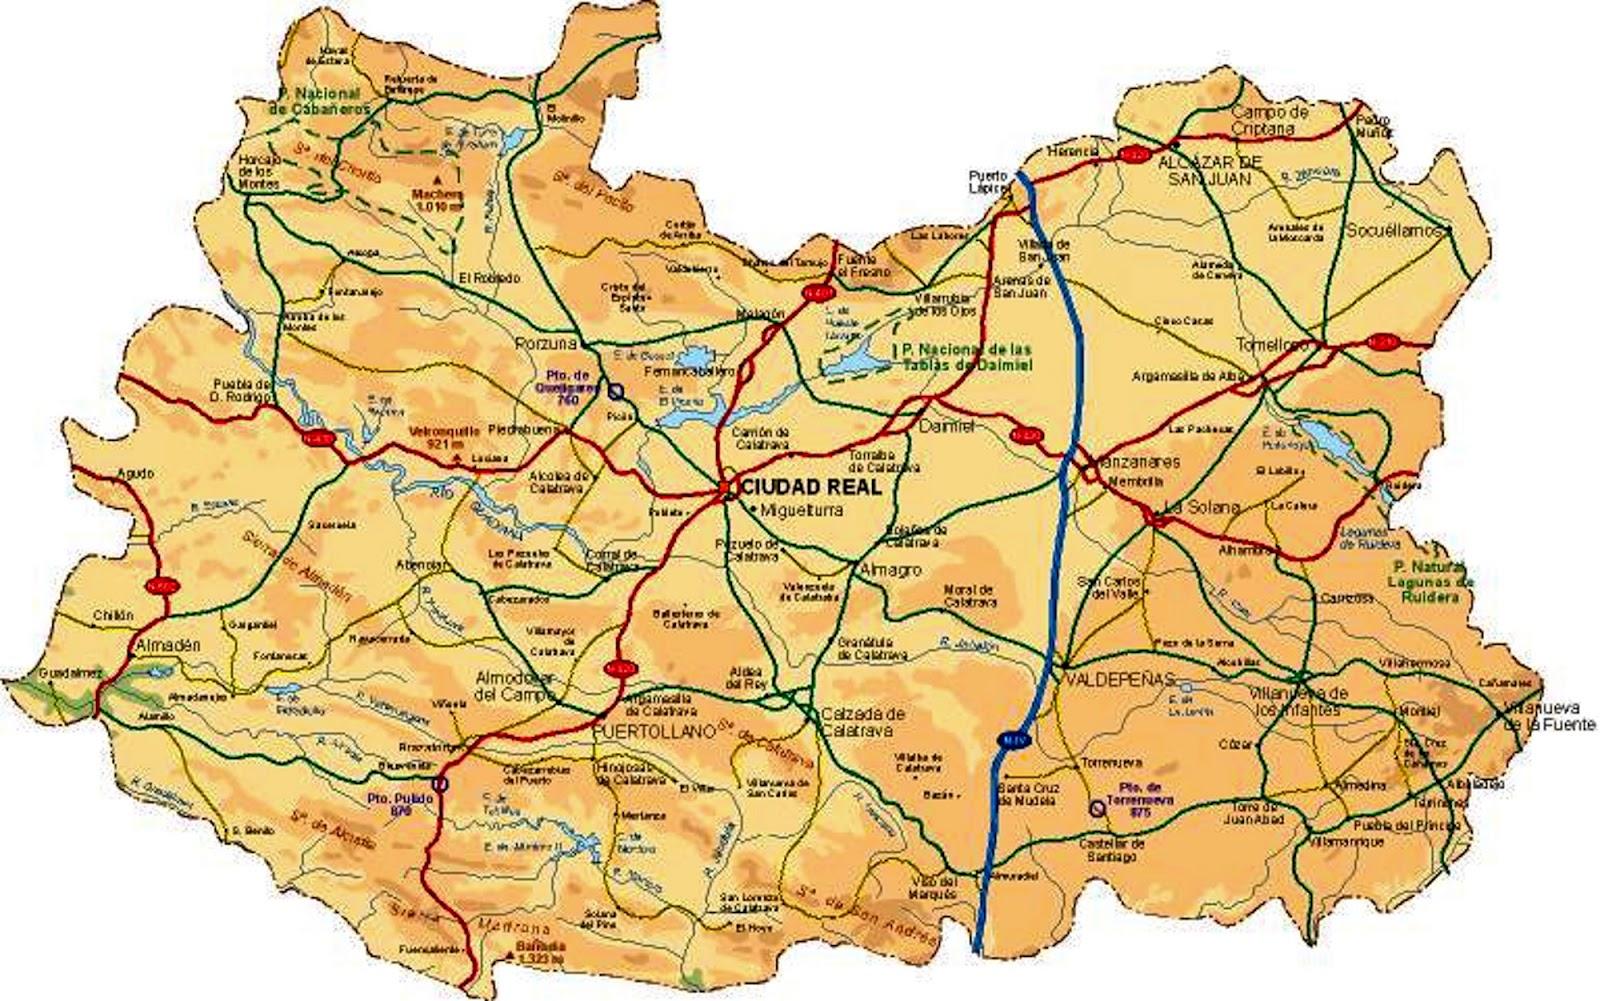 Buscando montsalvatge septiembre 2012 - Plano de ciudad real ...